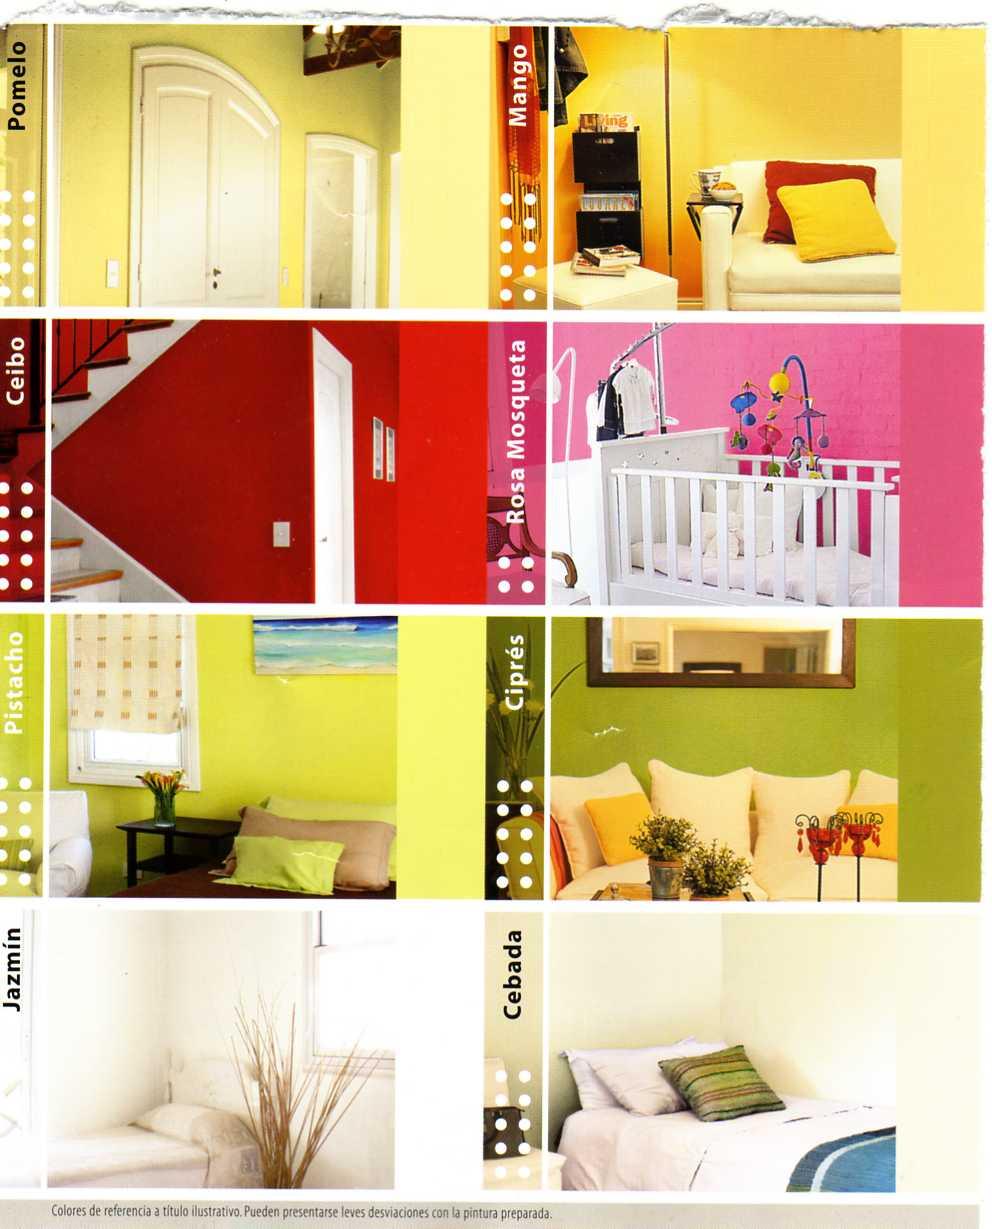 Gustavo pinturas consejos de colores para ambientes - Color de pinturas para interiores ...